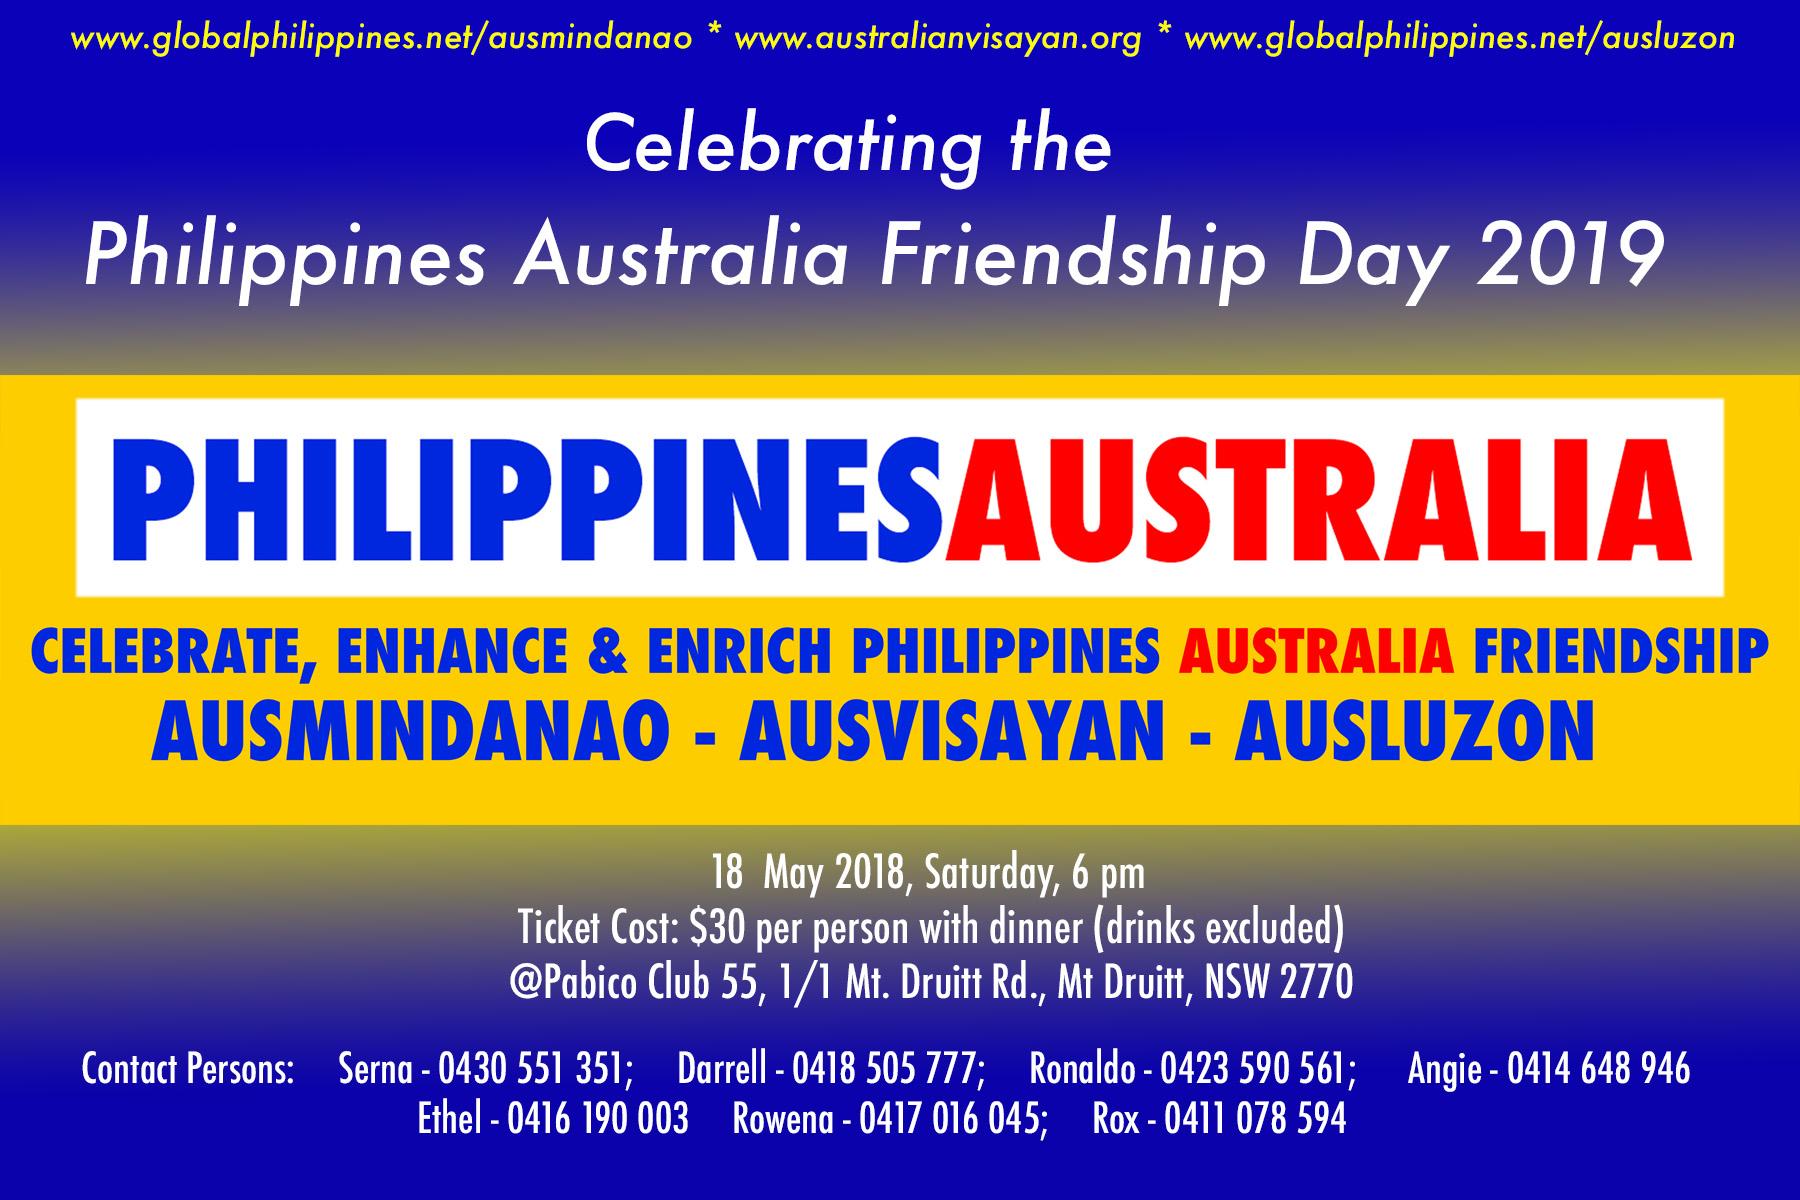 2019 Philippines Australia Friendship Day